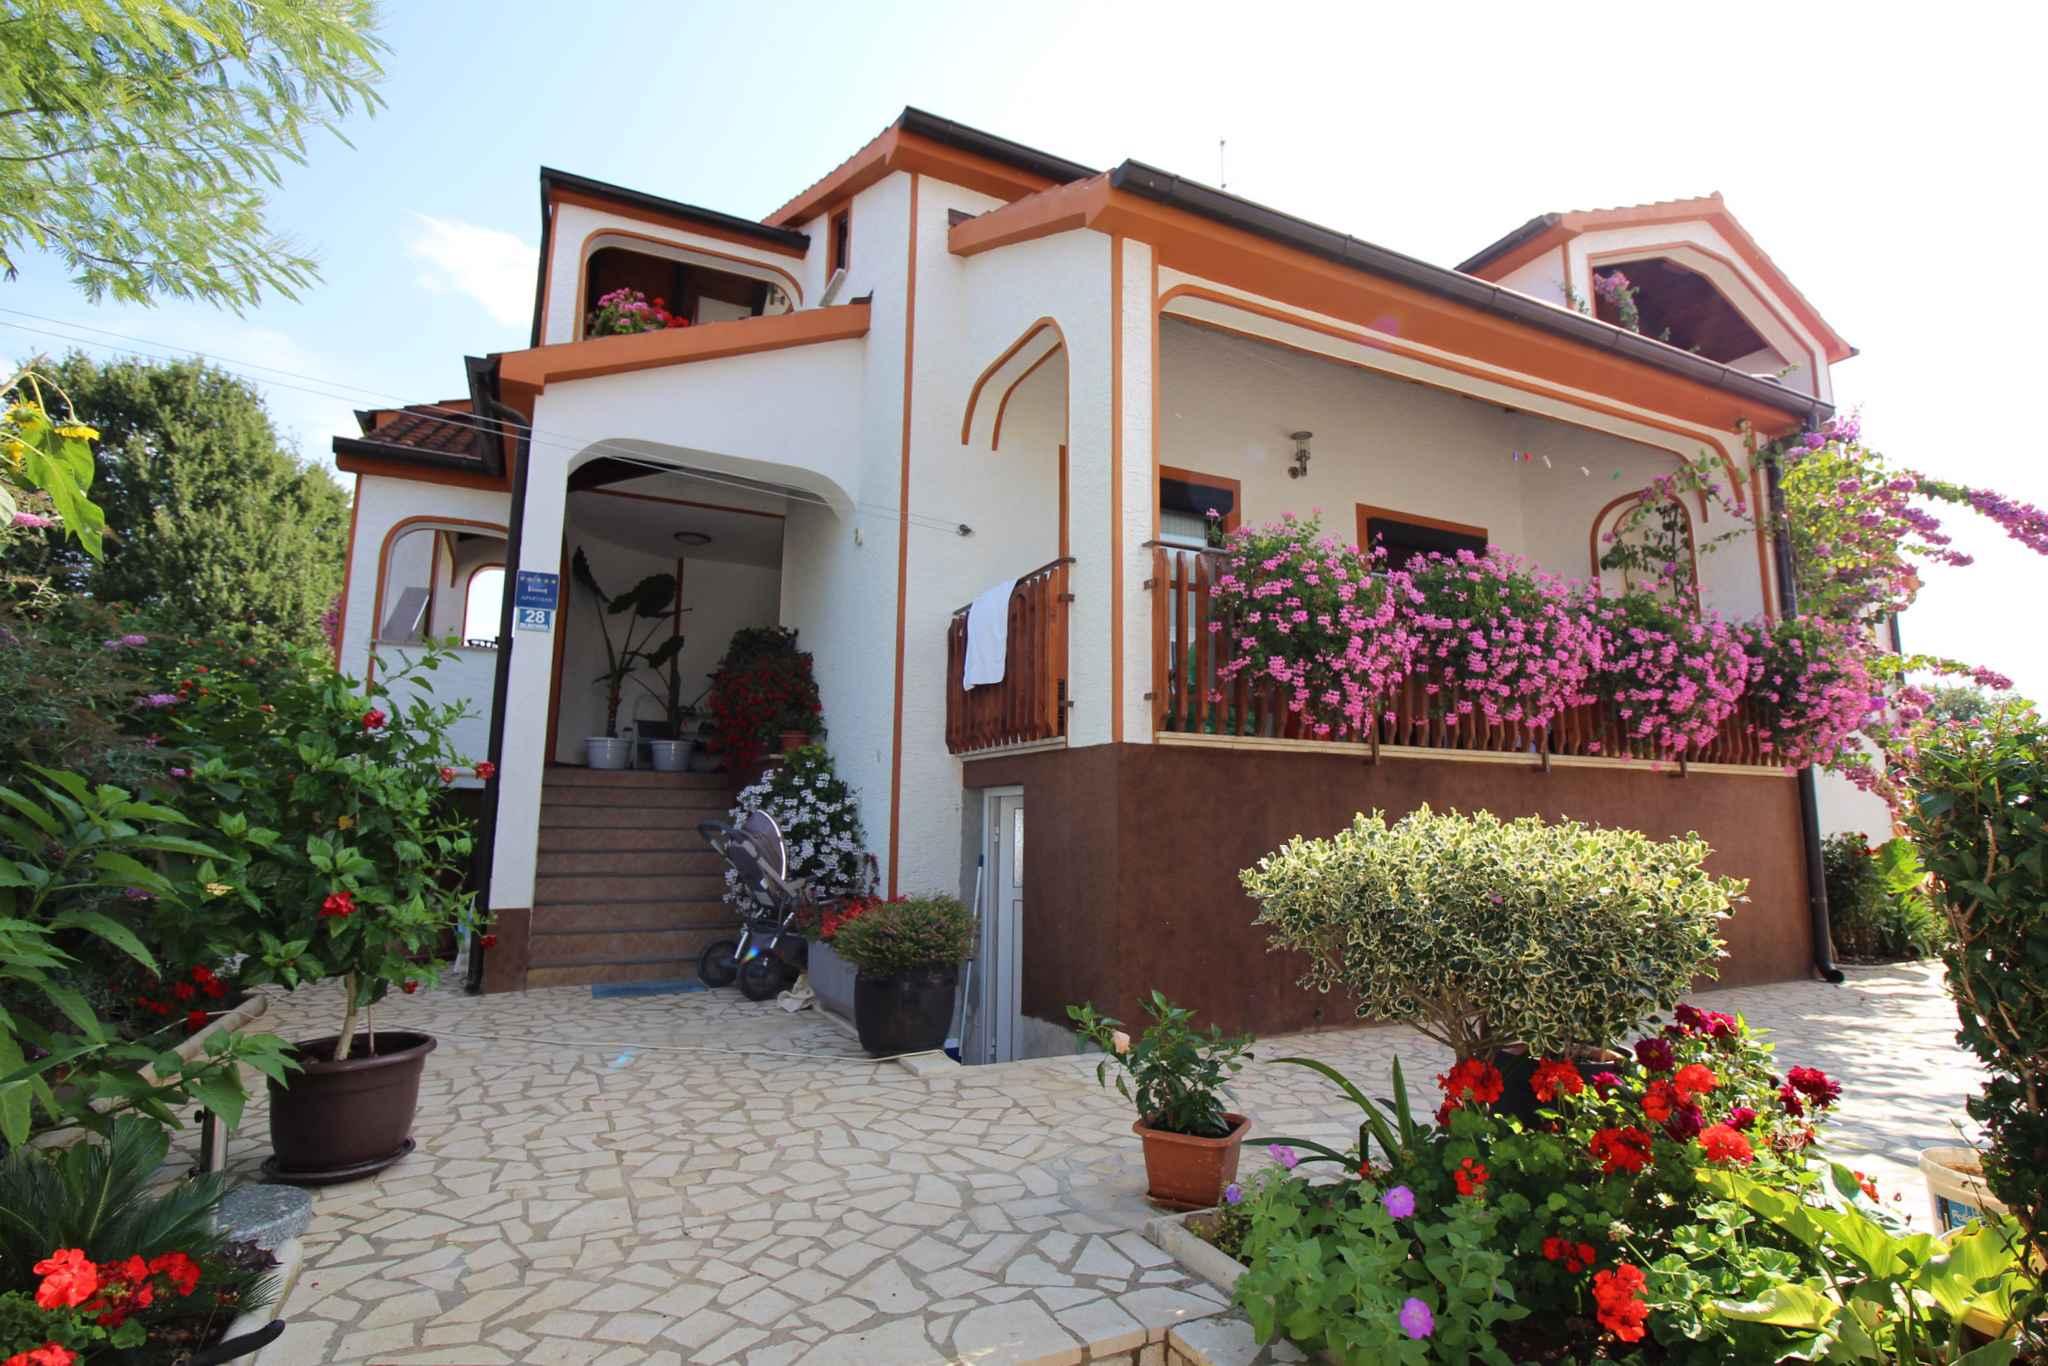 Ferienwohnung in ruhiger Lage  in Istrien